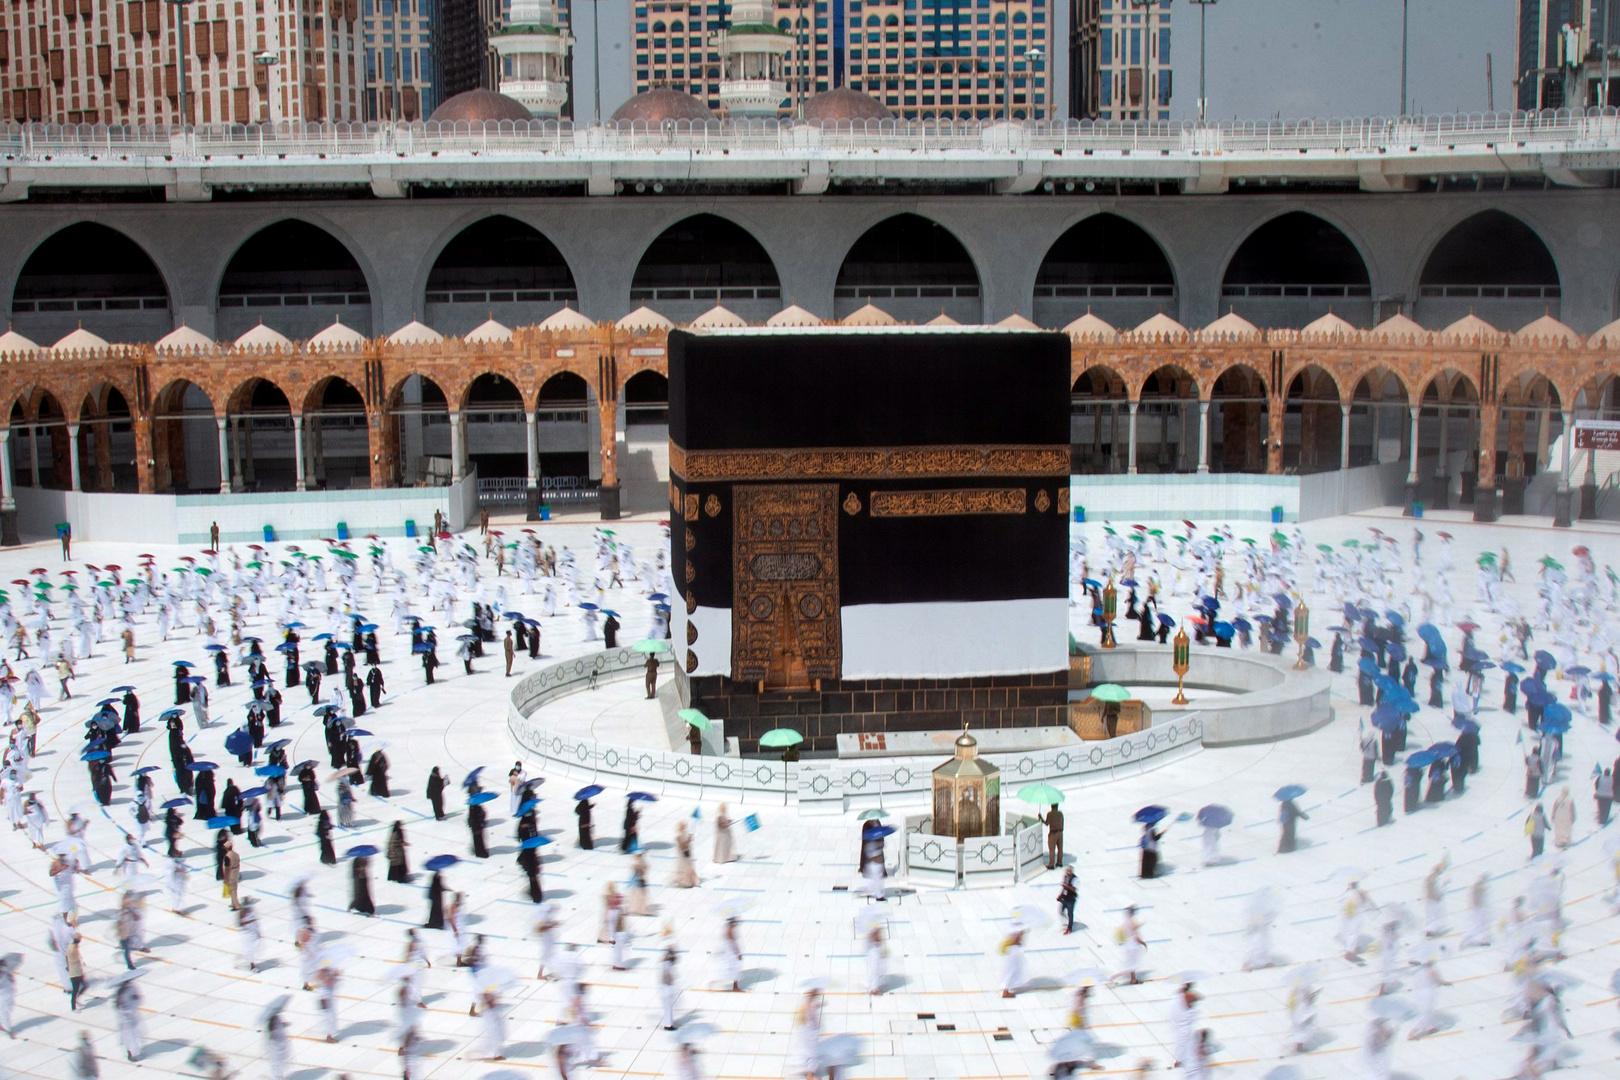 قيود صارمة.. السعودية تفرض ضوابط على رمي الجمرات وحلاقة الحجاج